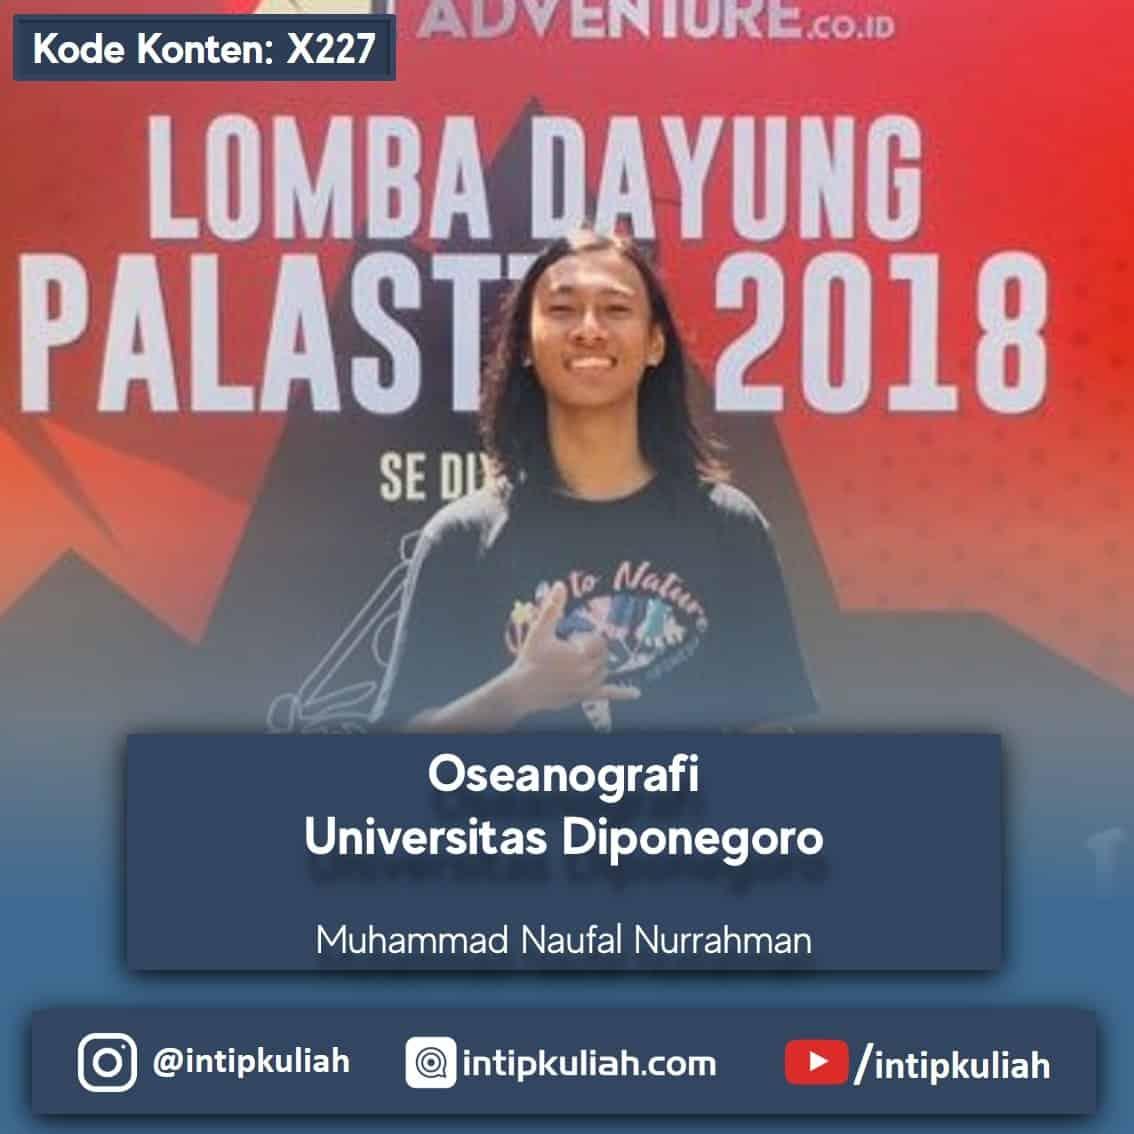 Oseanografi Universitas Diponegoro (Naufal)